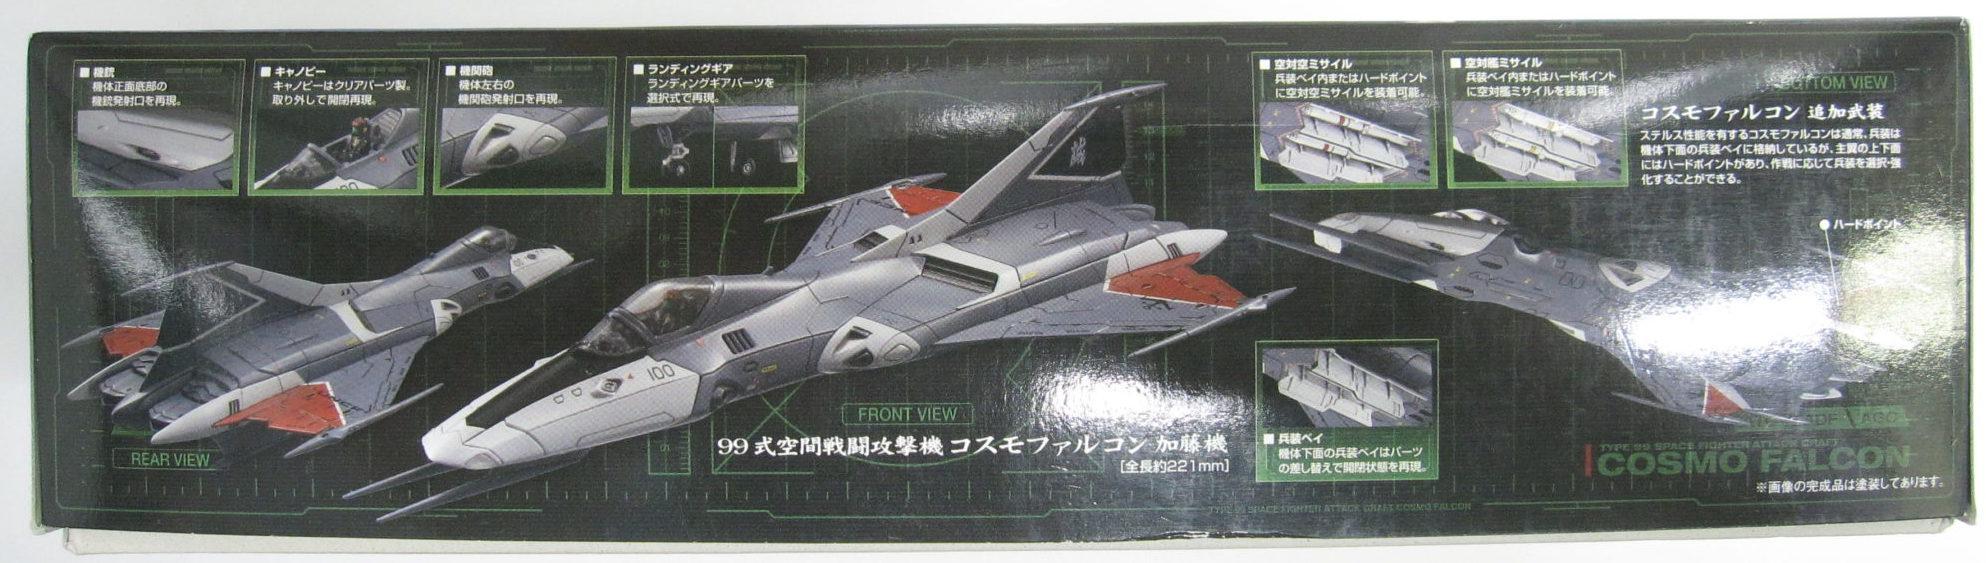 架空の戦闘 宇宙空間での艦隊戦向き - よく宇宙空間 …